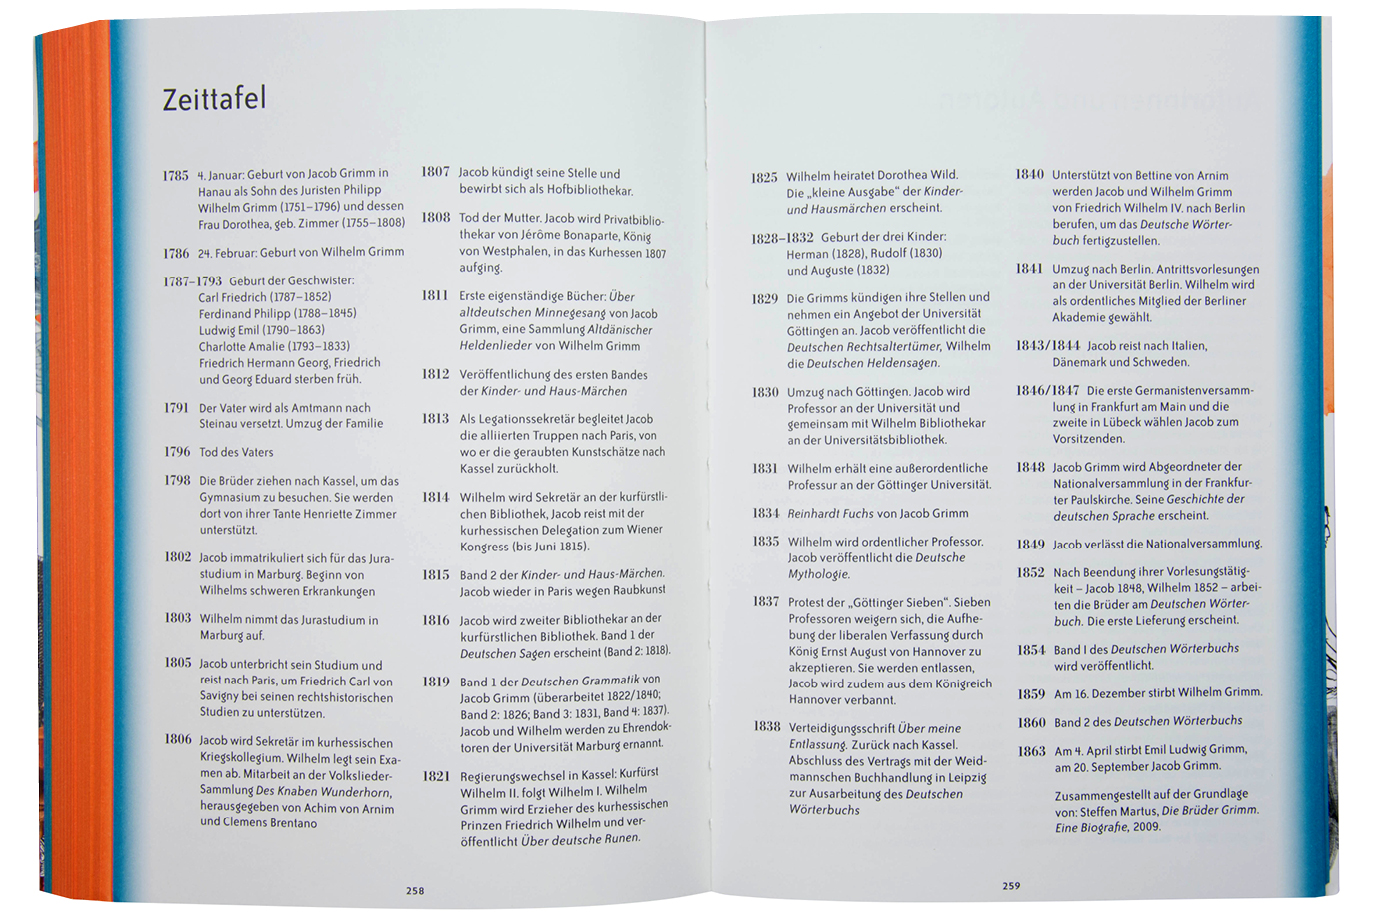 http://e-o-t.de/wordpress/wp-content/uploads/2017/05/2015_eot-Grimmwelt-Book-016.jpg